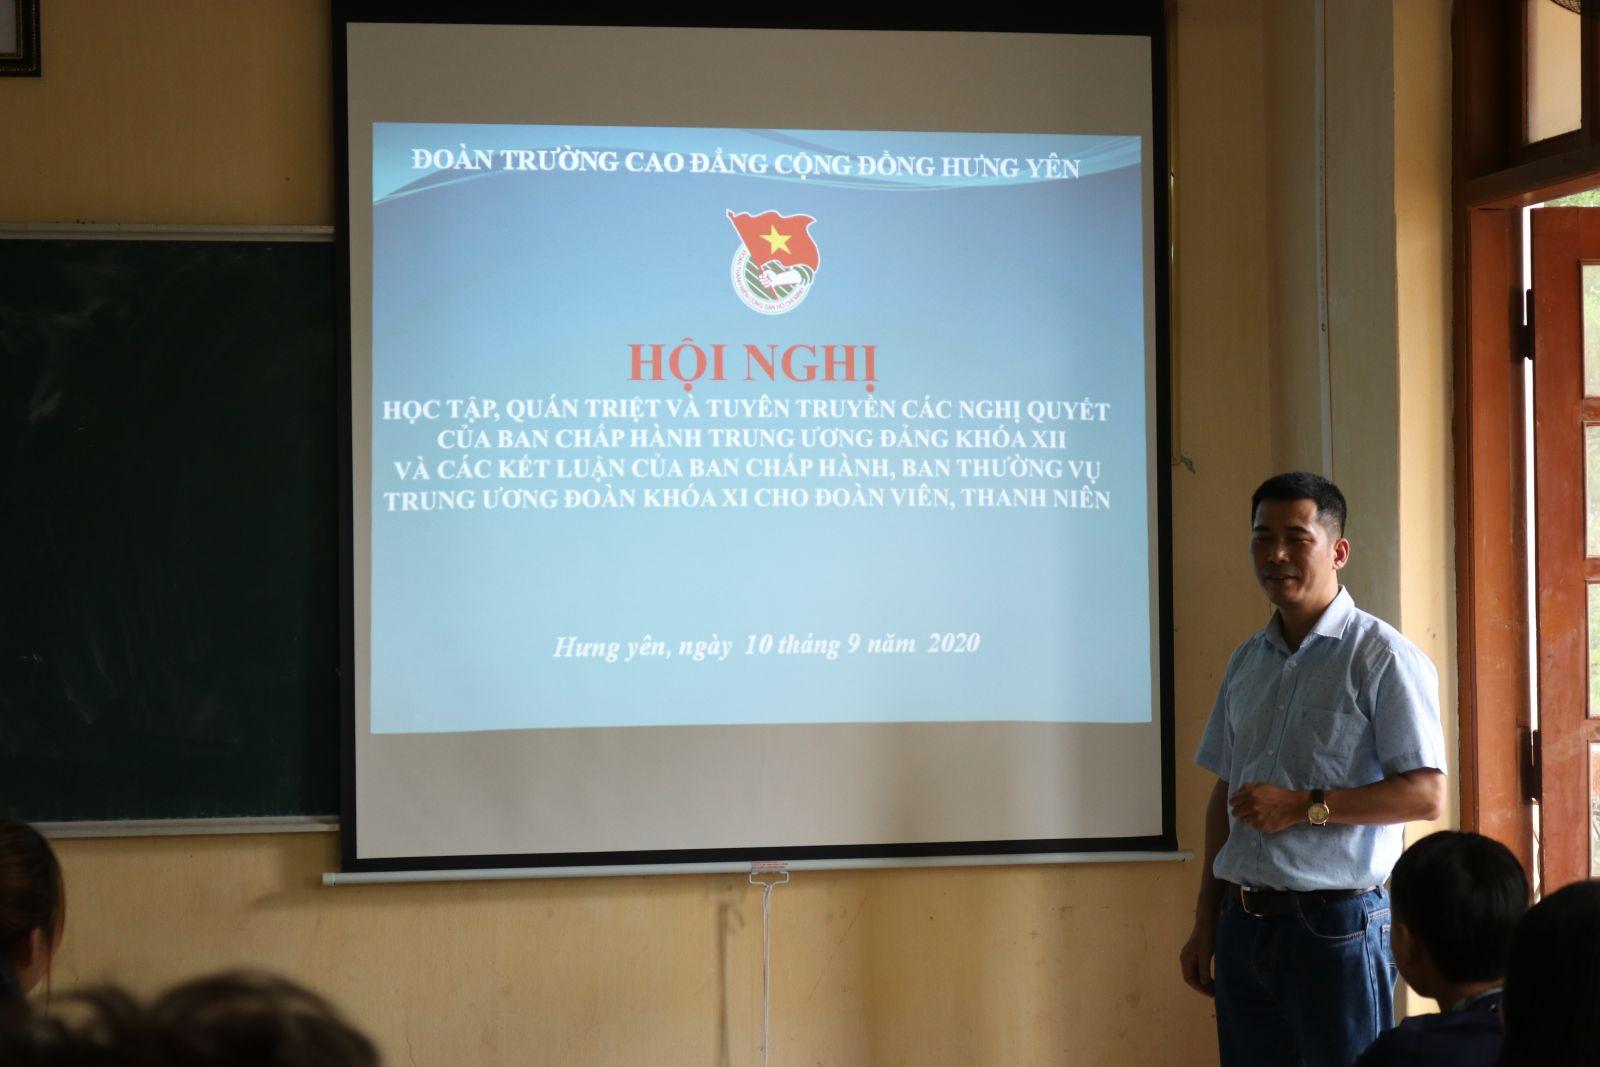 Đoàn trường Cao đẳng Cộng đồng Hưng Yên tổ chức Hội nghị tuyên truyền nghị quyết, chủ trương của Đảng, nghị quyết, kết luận chương trình của Đoàn năm học 2020 - 2021 cho đoàn viên thanh niên